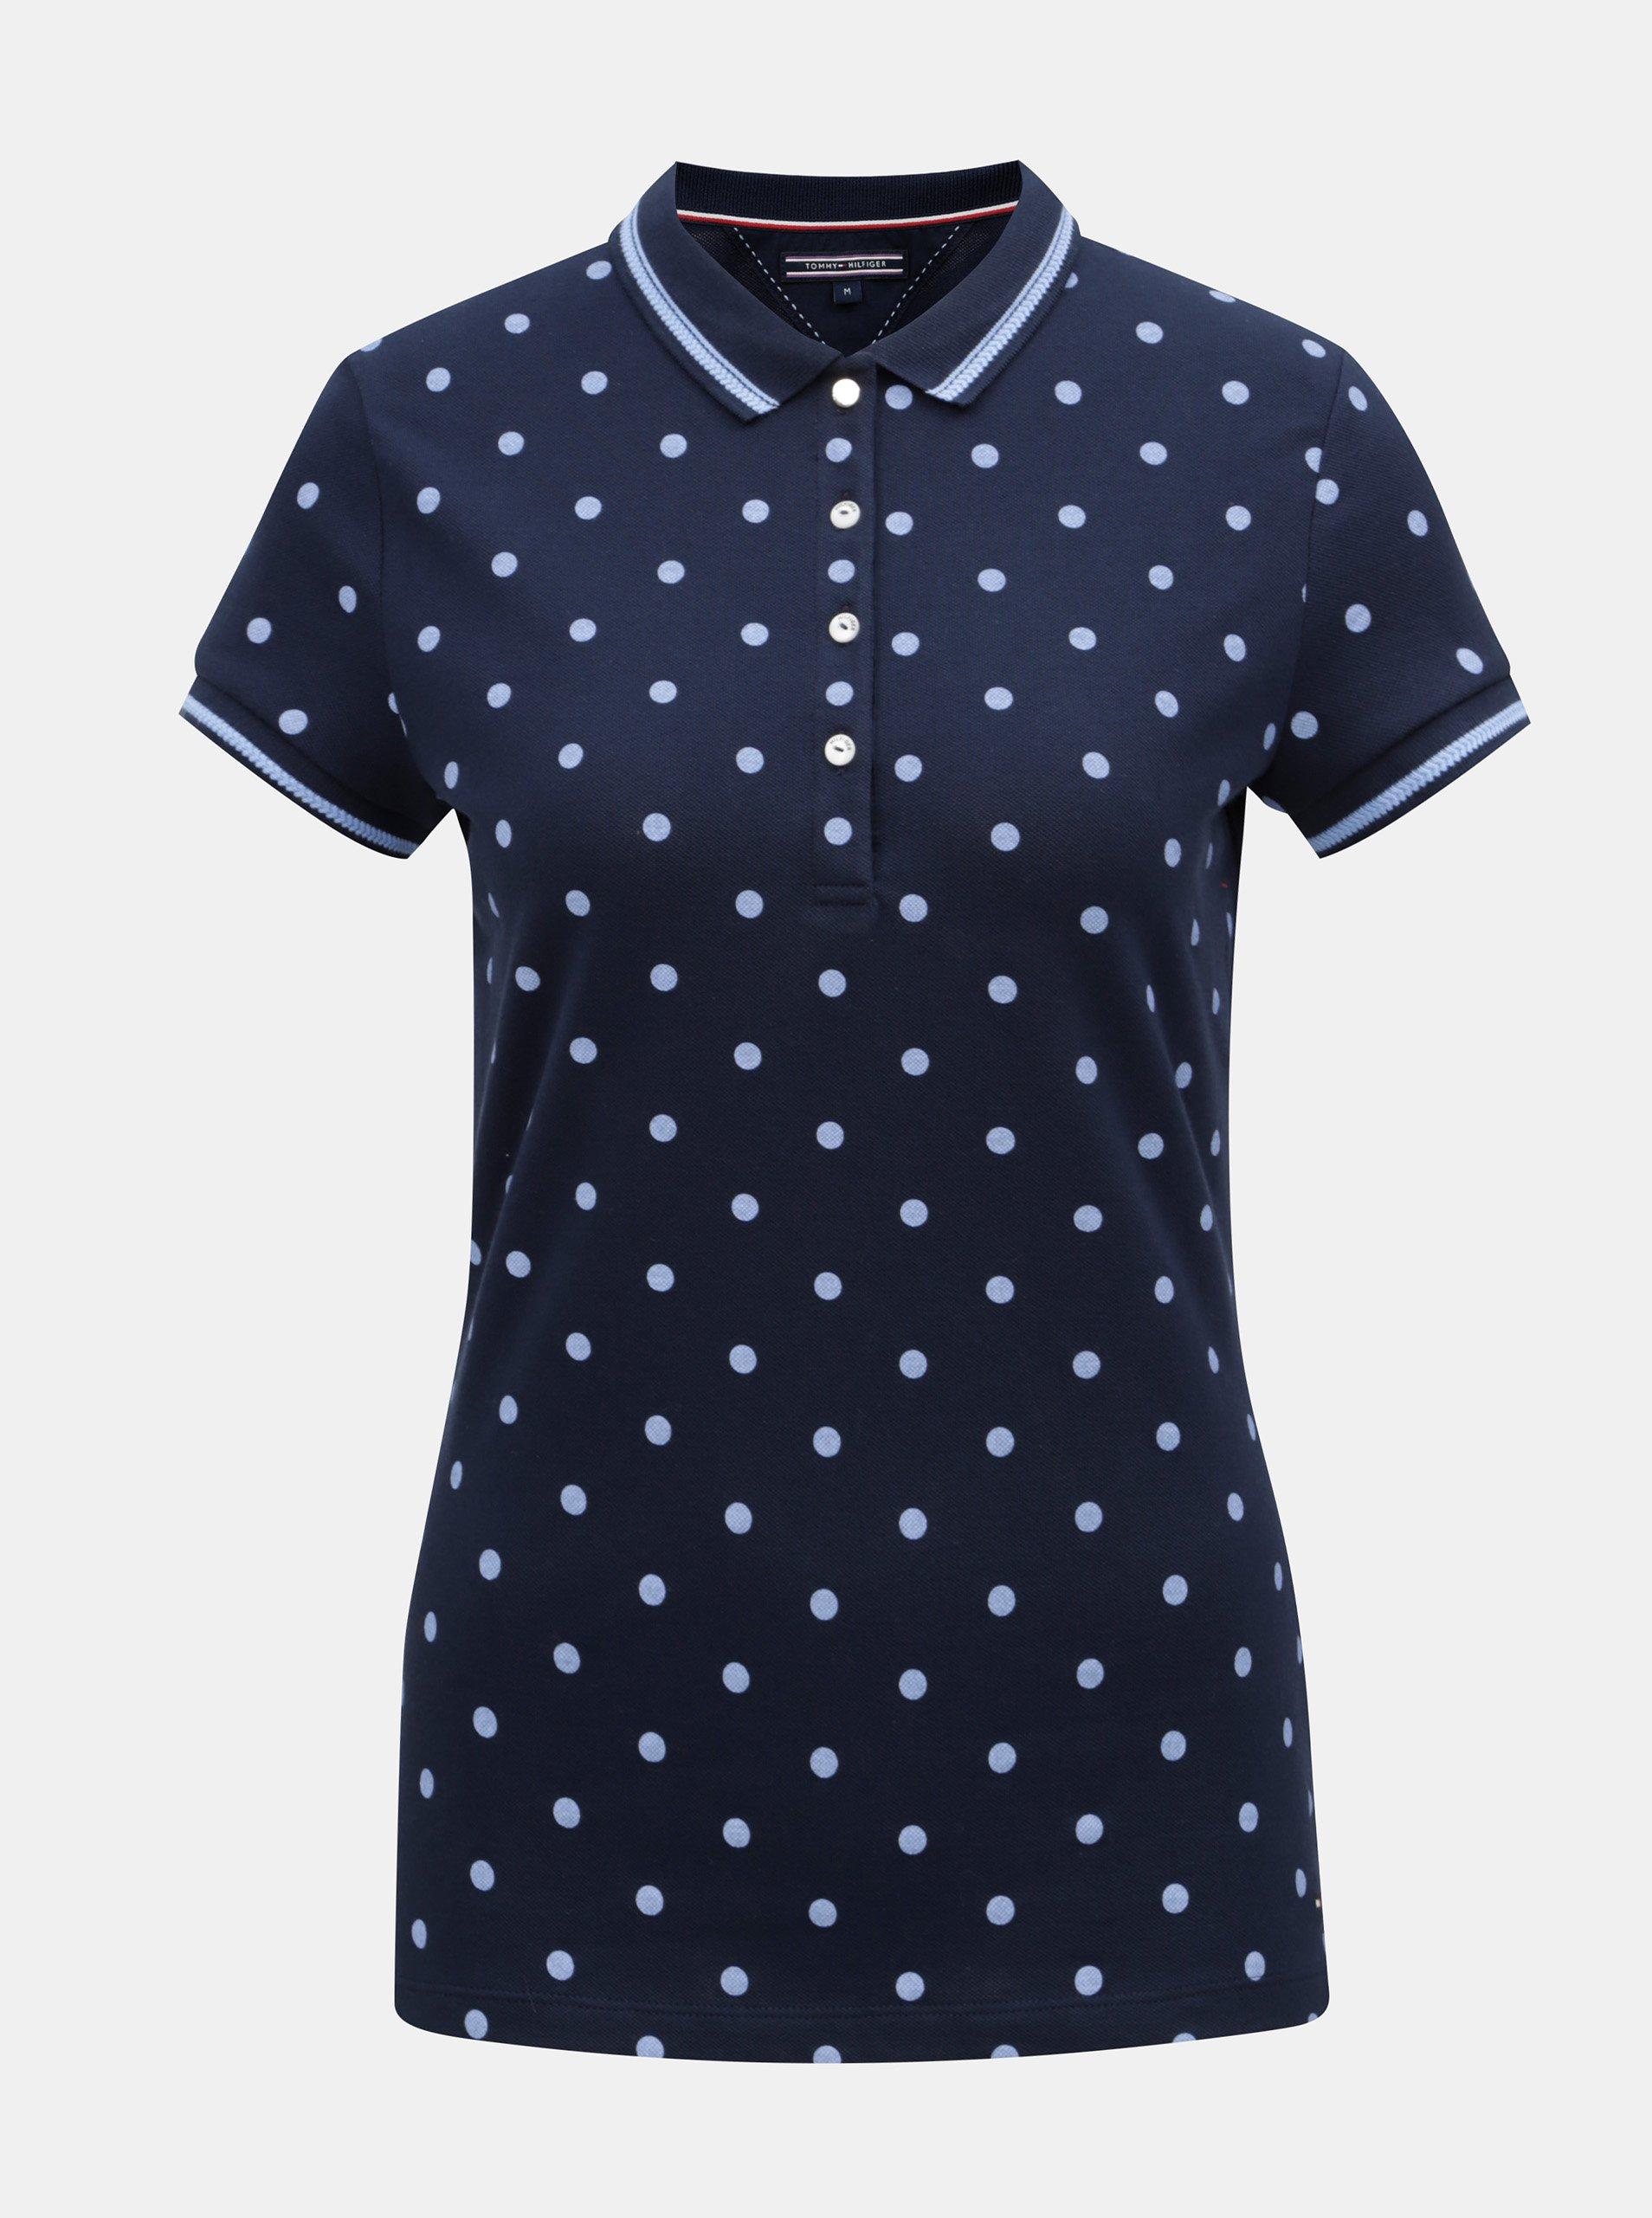 Modré dámské puntíkované polo tričko Tommy Hilfiger 8c44d7534b